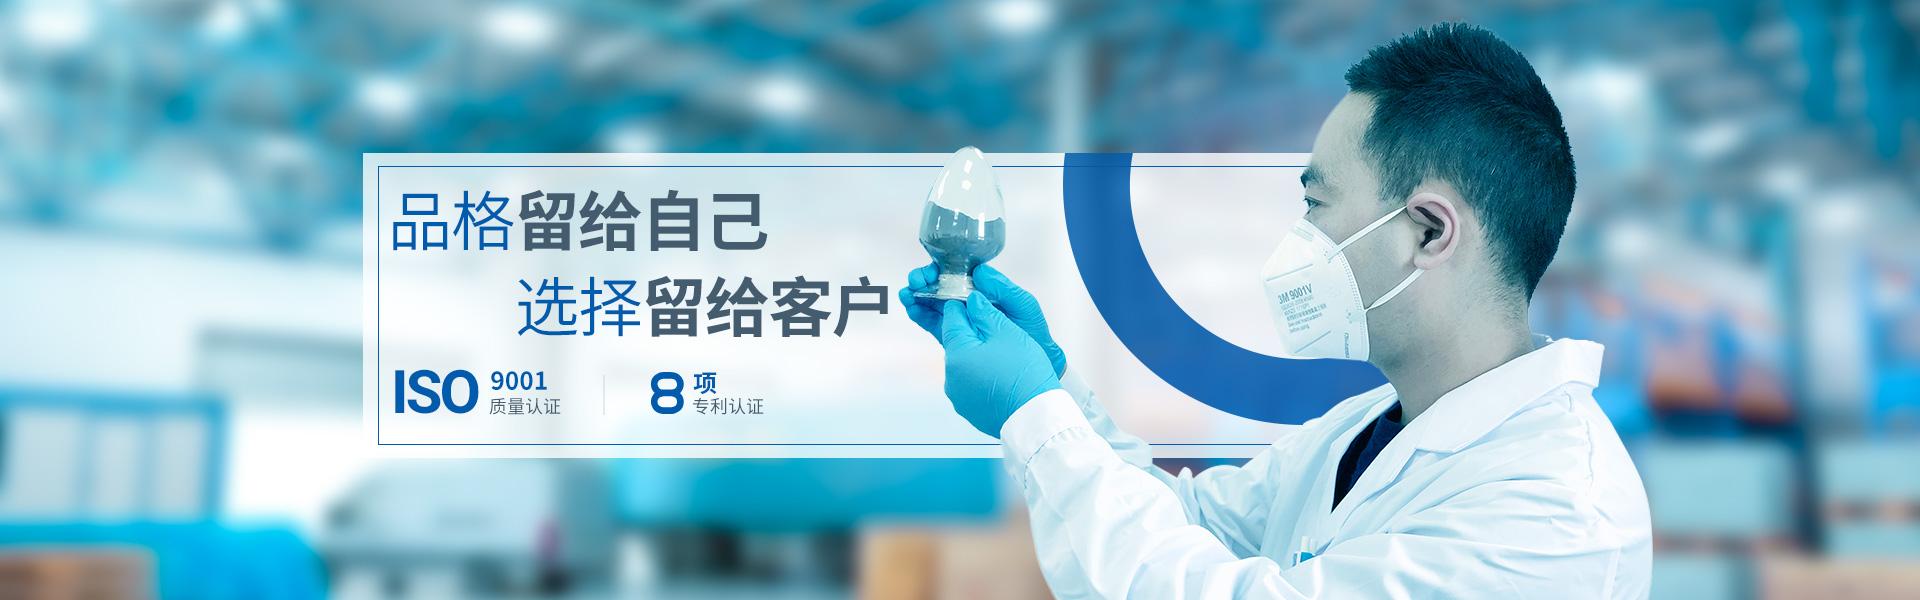 世佳微尔超细铁粉合金粉20年研发经验